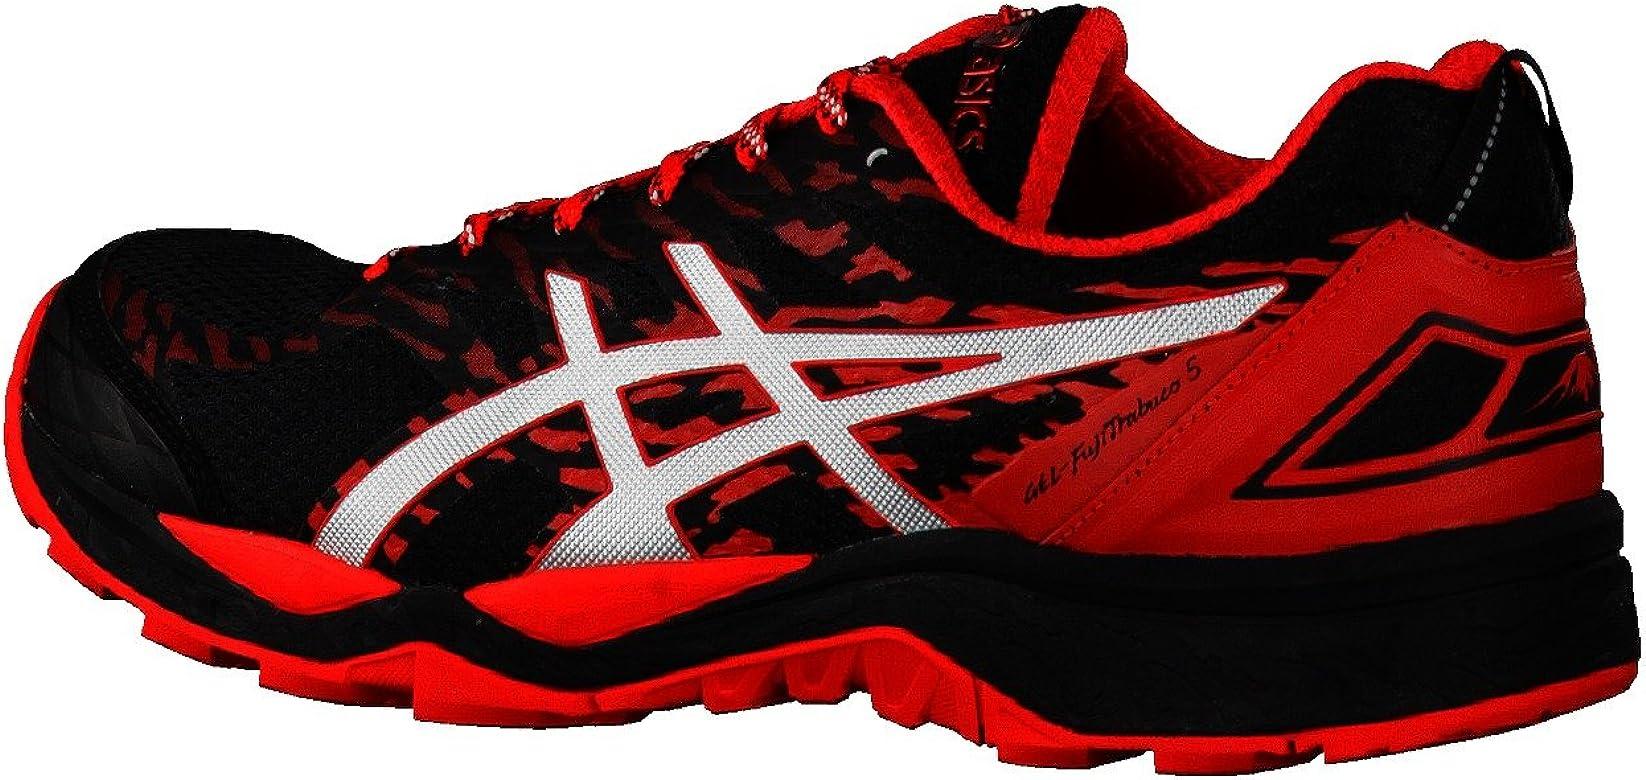 Asics GEL FUJITRABUCO 5 NEGRO ROJO T6J0N 9023: Amazon.es: Zapatos y complementos